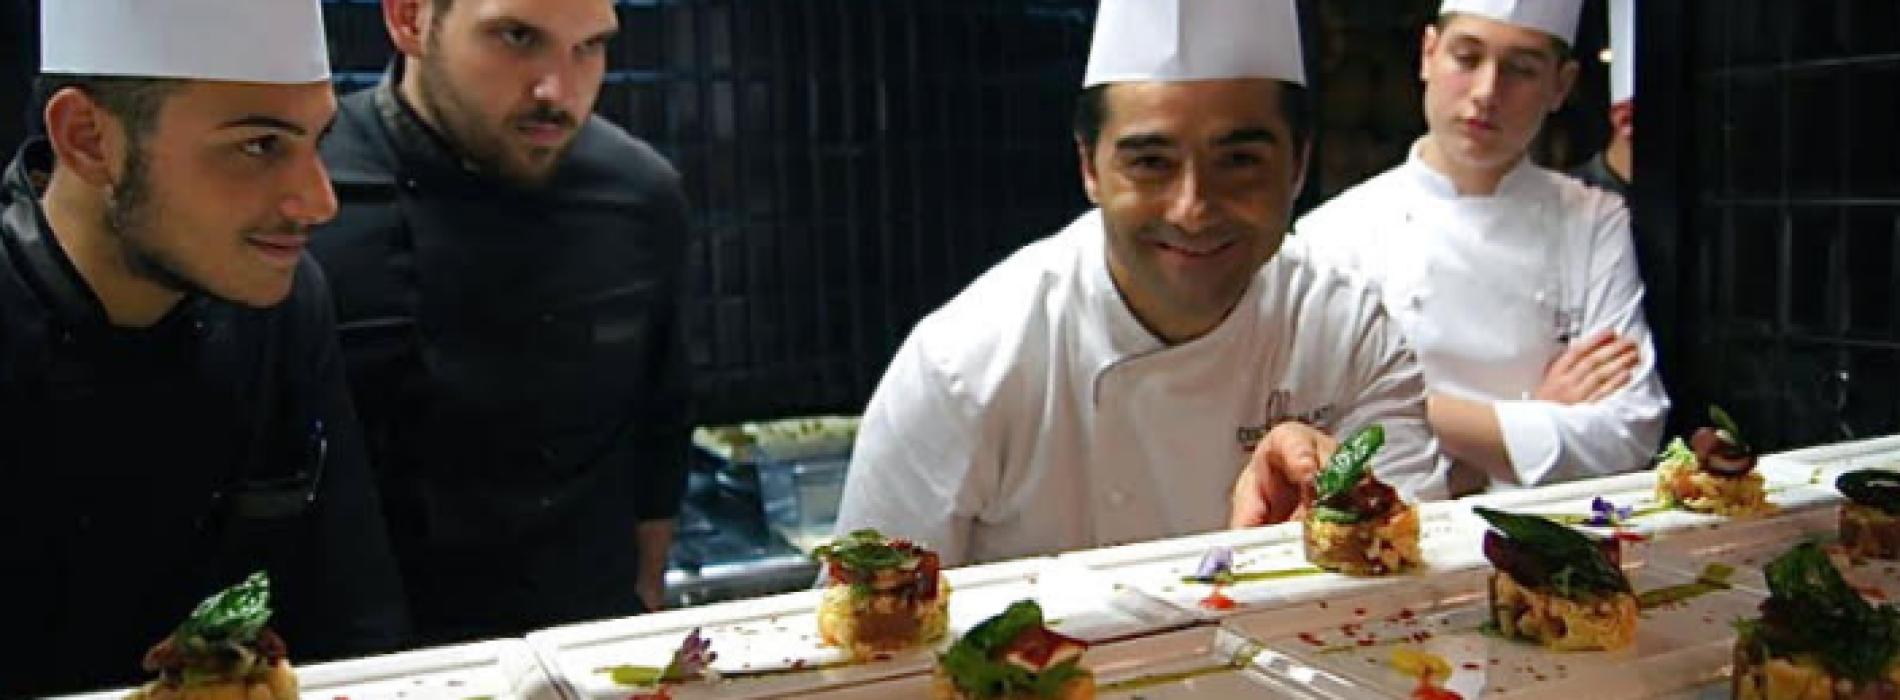 """Una cucina """"Daddio"""" al bistrorante Morsi e Rimorsi"""